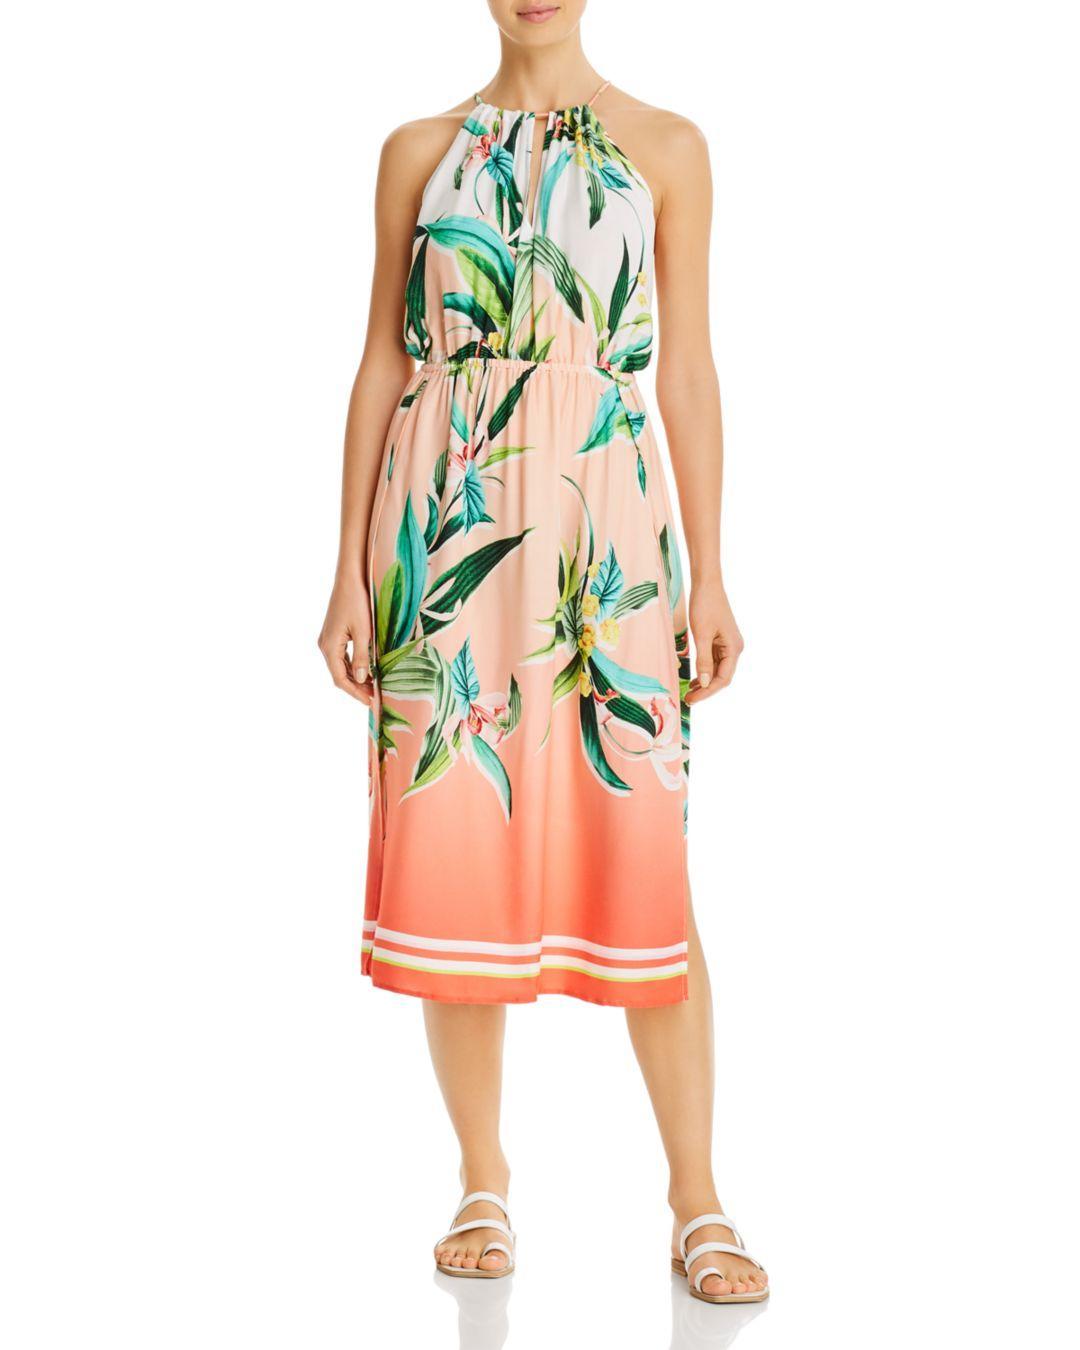 Trina Turk Costa de Prata Resort Dress CoverUp M~L $154